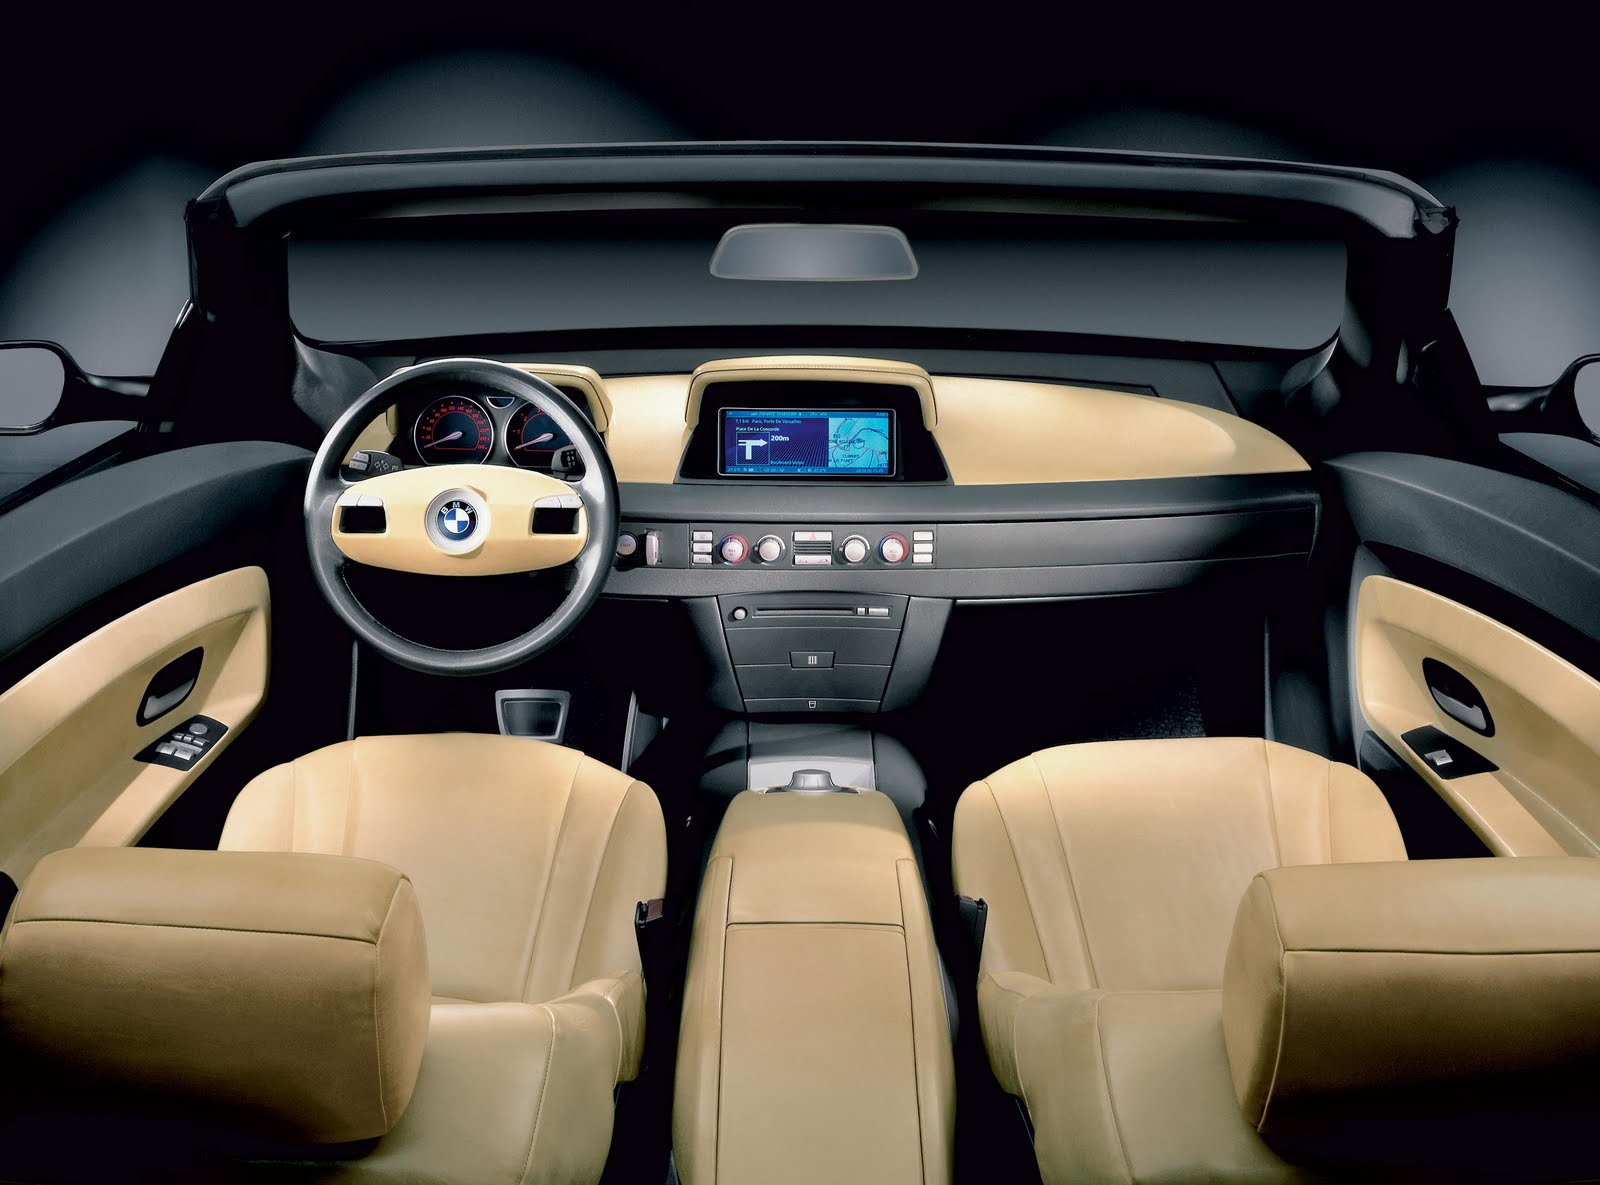 http://3.bp.blogspot.com/-Zfilc2J7vz4/TkGSidd-6EI/AAAAAAAAKtA/yl6uK8FFahw/s1600/BMW%20HQ%20Wallpaper%20(112).jpg